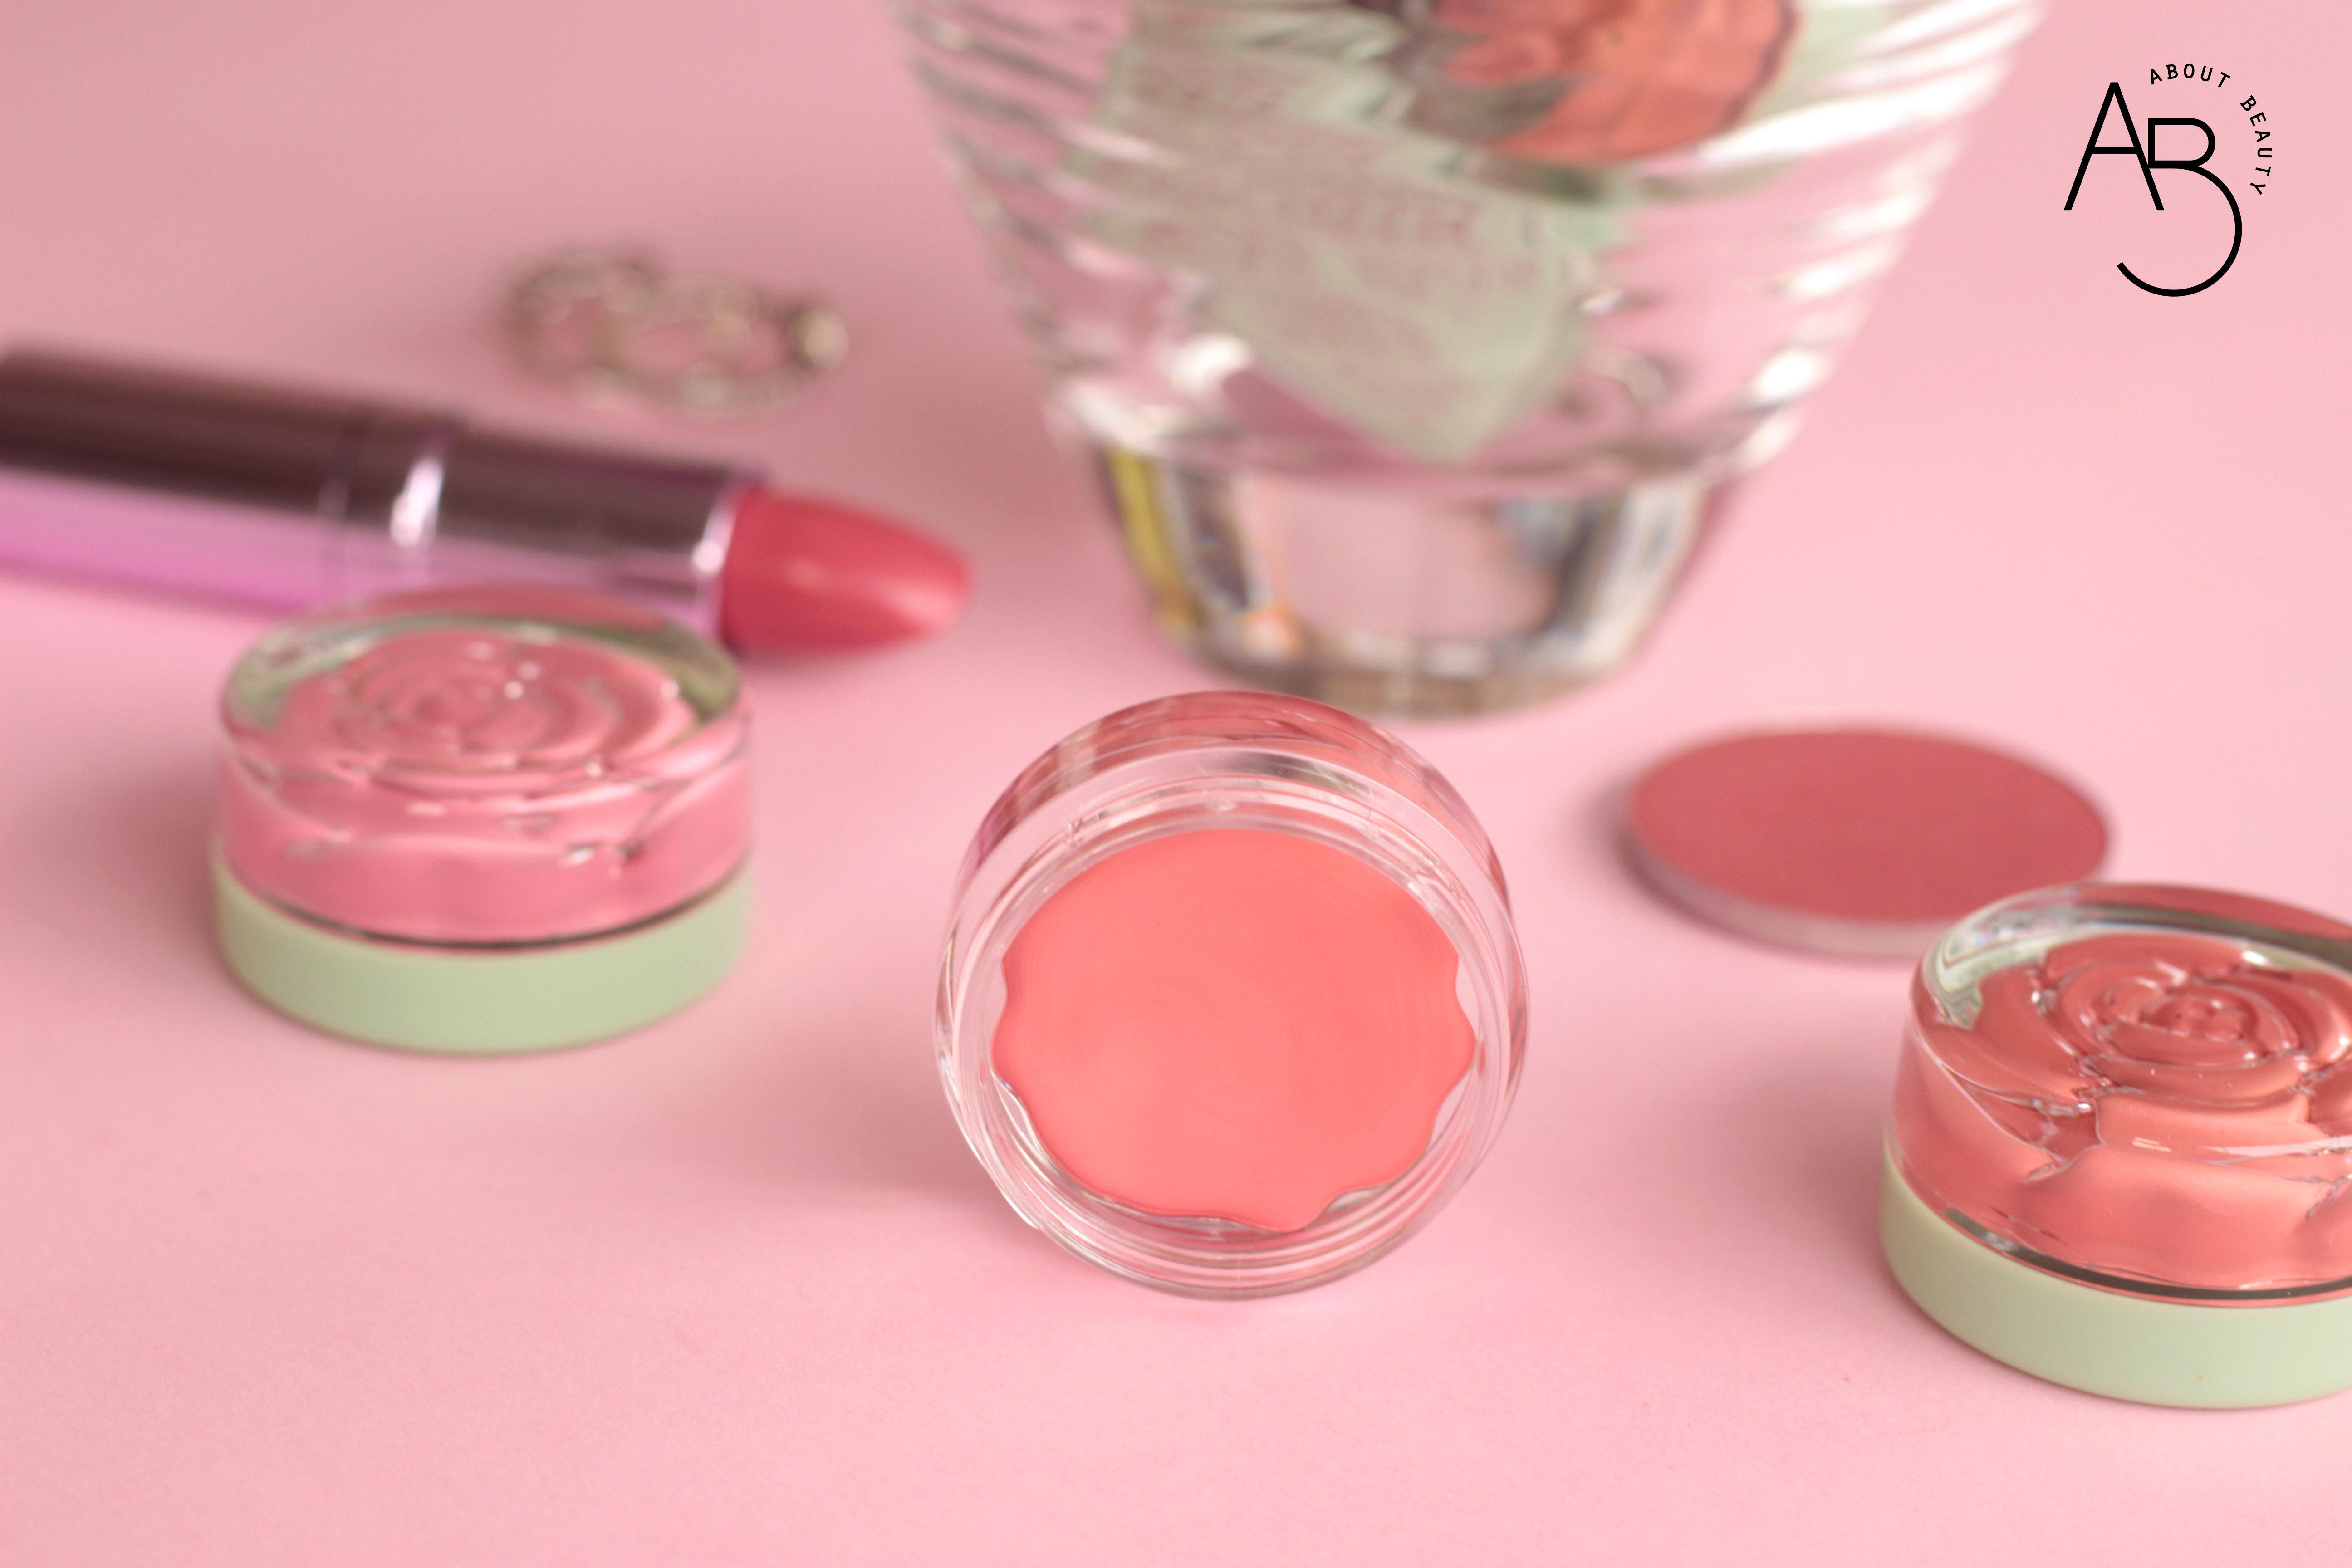 Blush Garden Neve Cosmetics: recensione, review, swatch, opinioni, sconto, dove acquistare, prezzo - Tuesday Rose